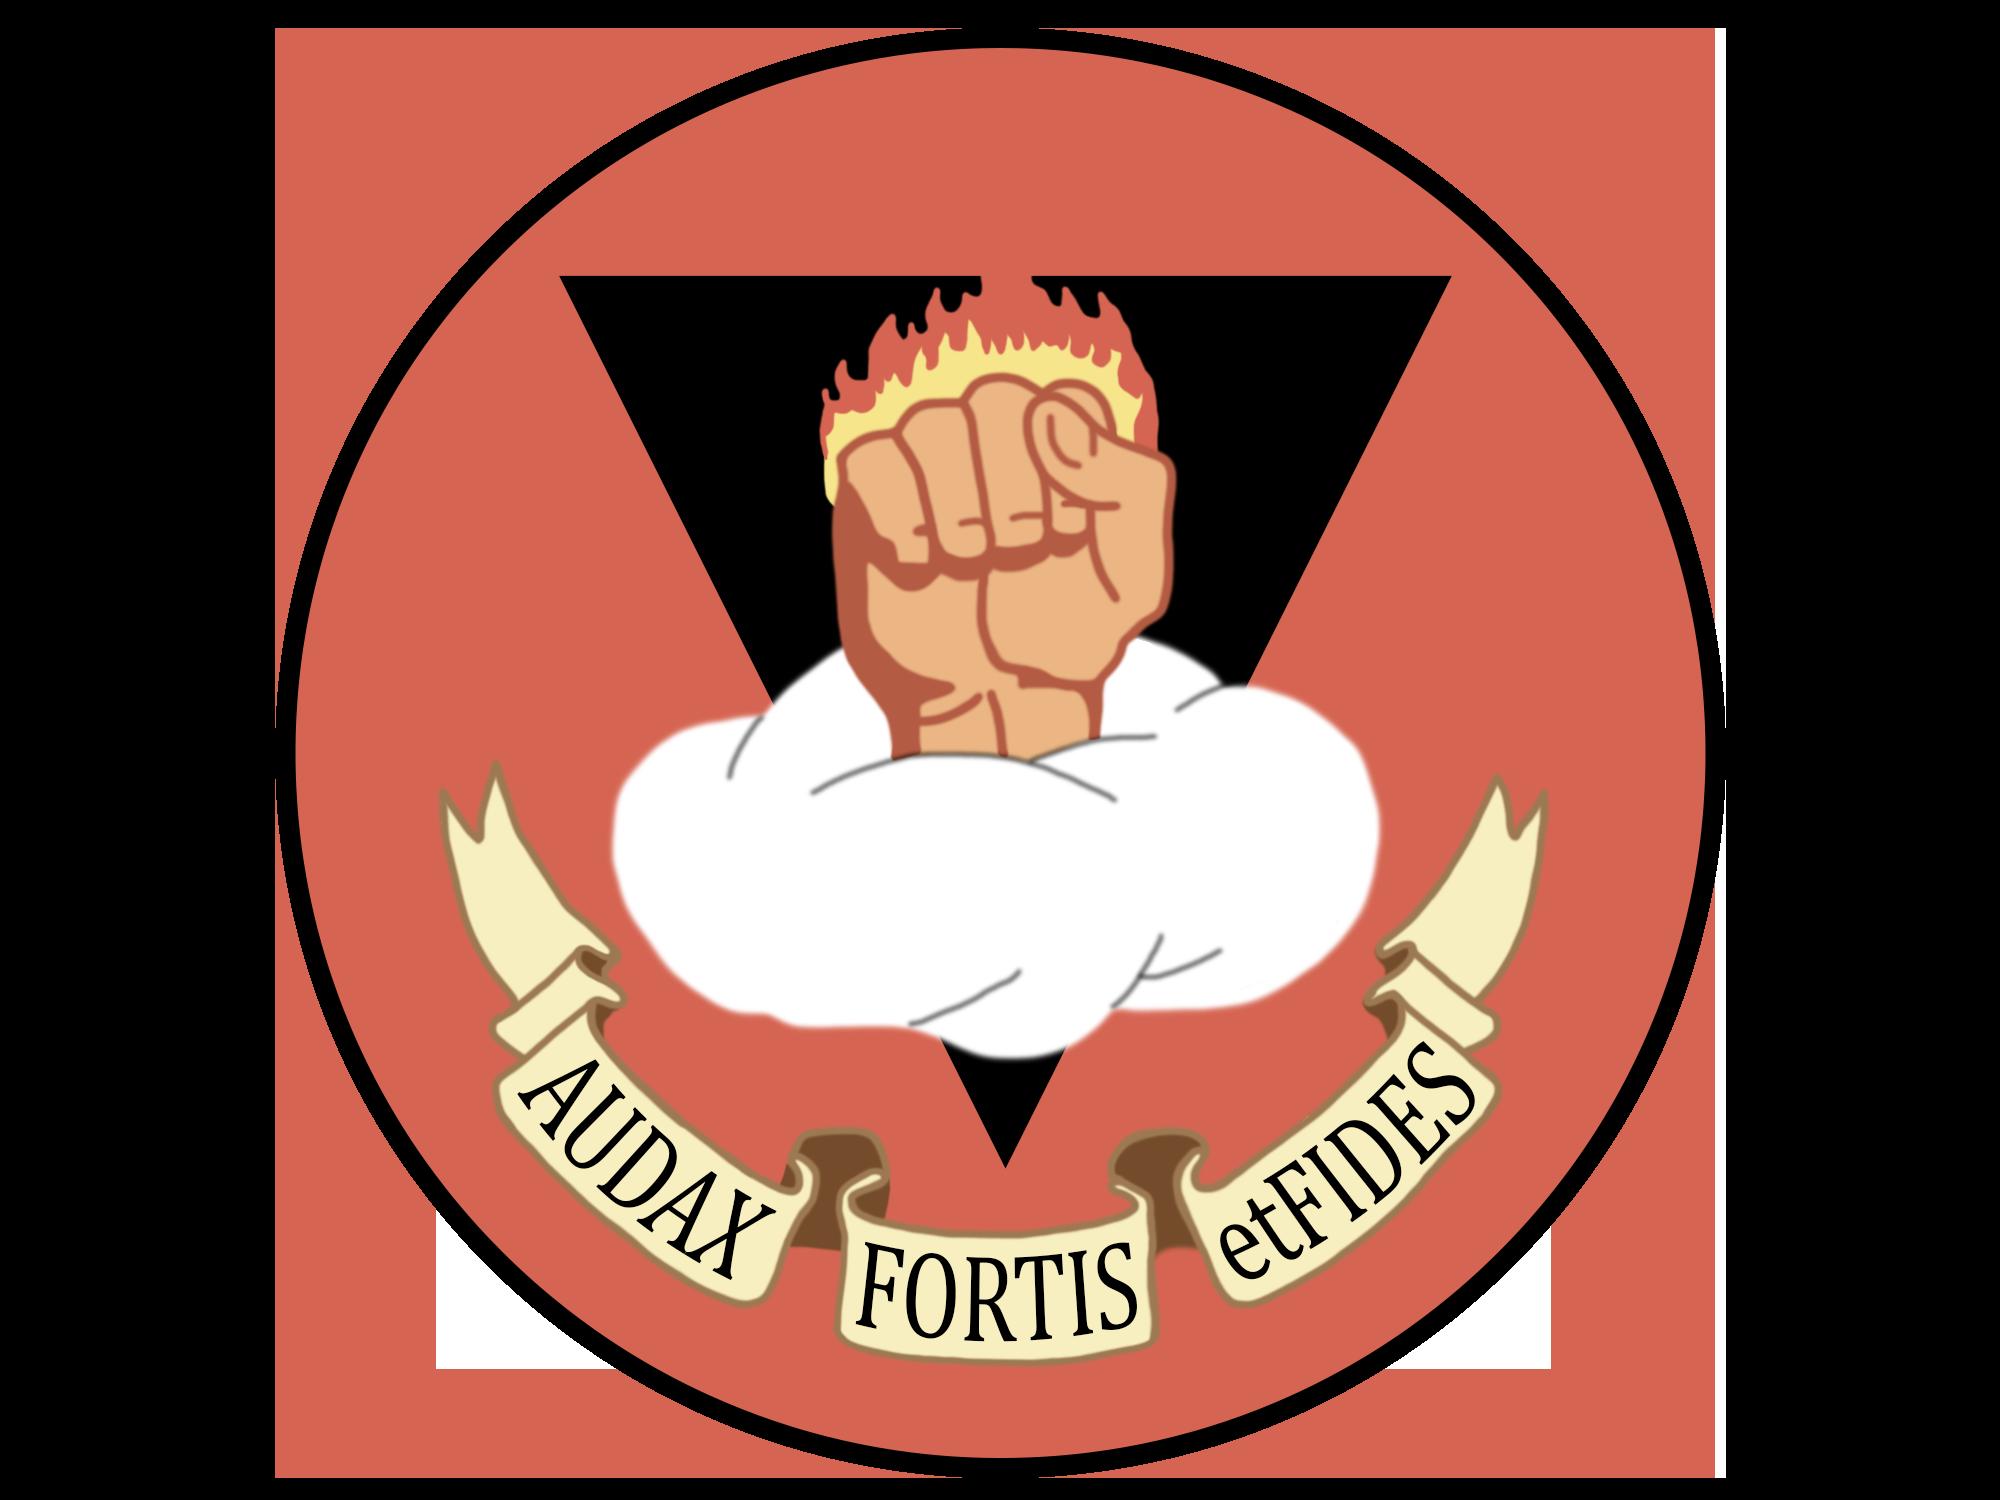 505th Fighter Squadron Insignia